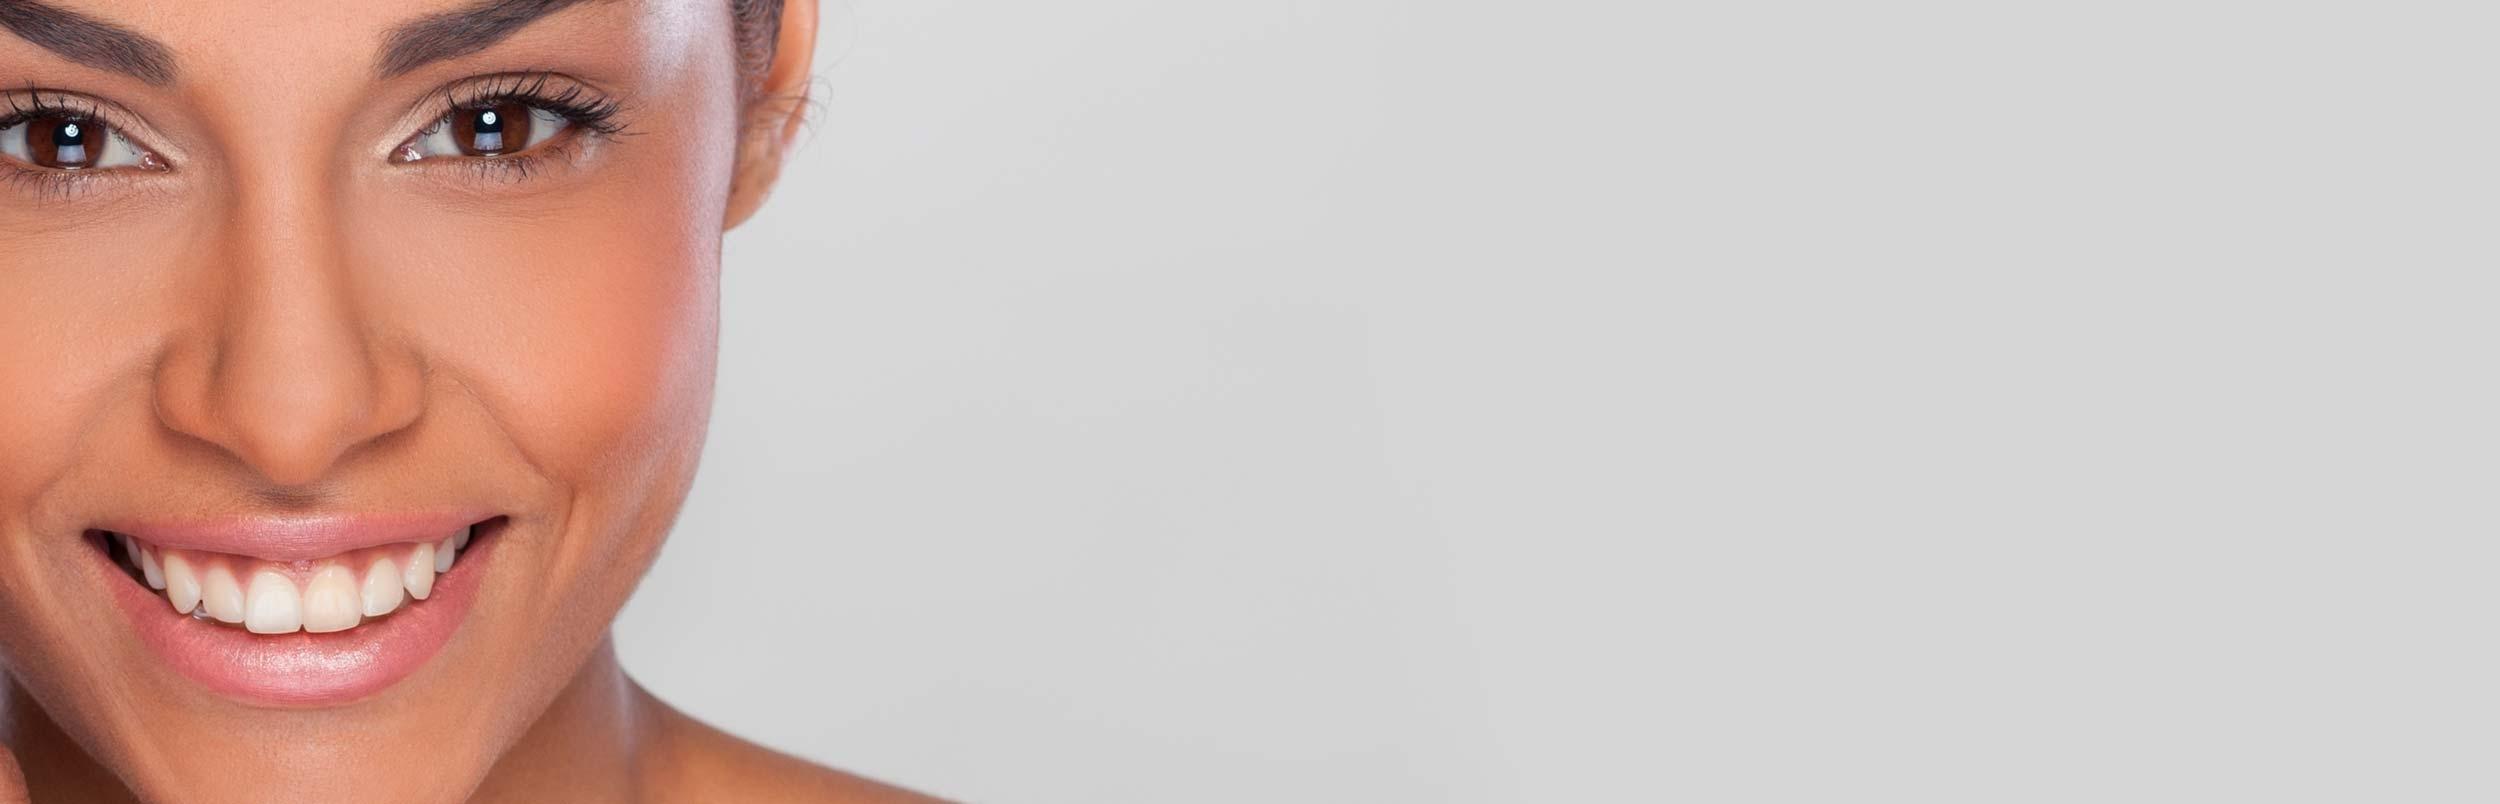 Vergrösserte Poren verkleinern mit ZO®Skin Health